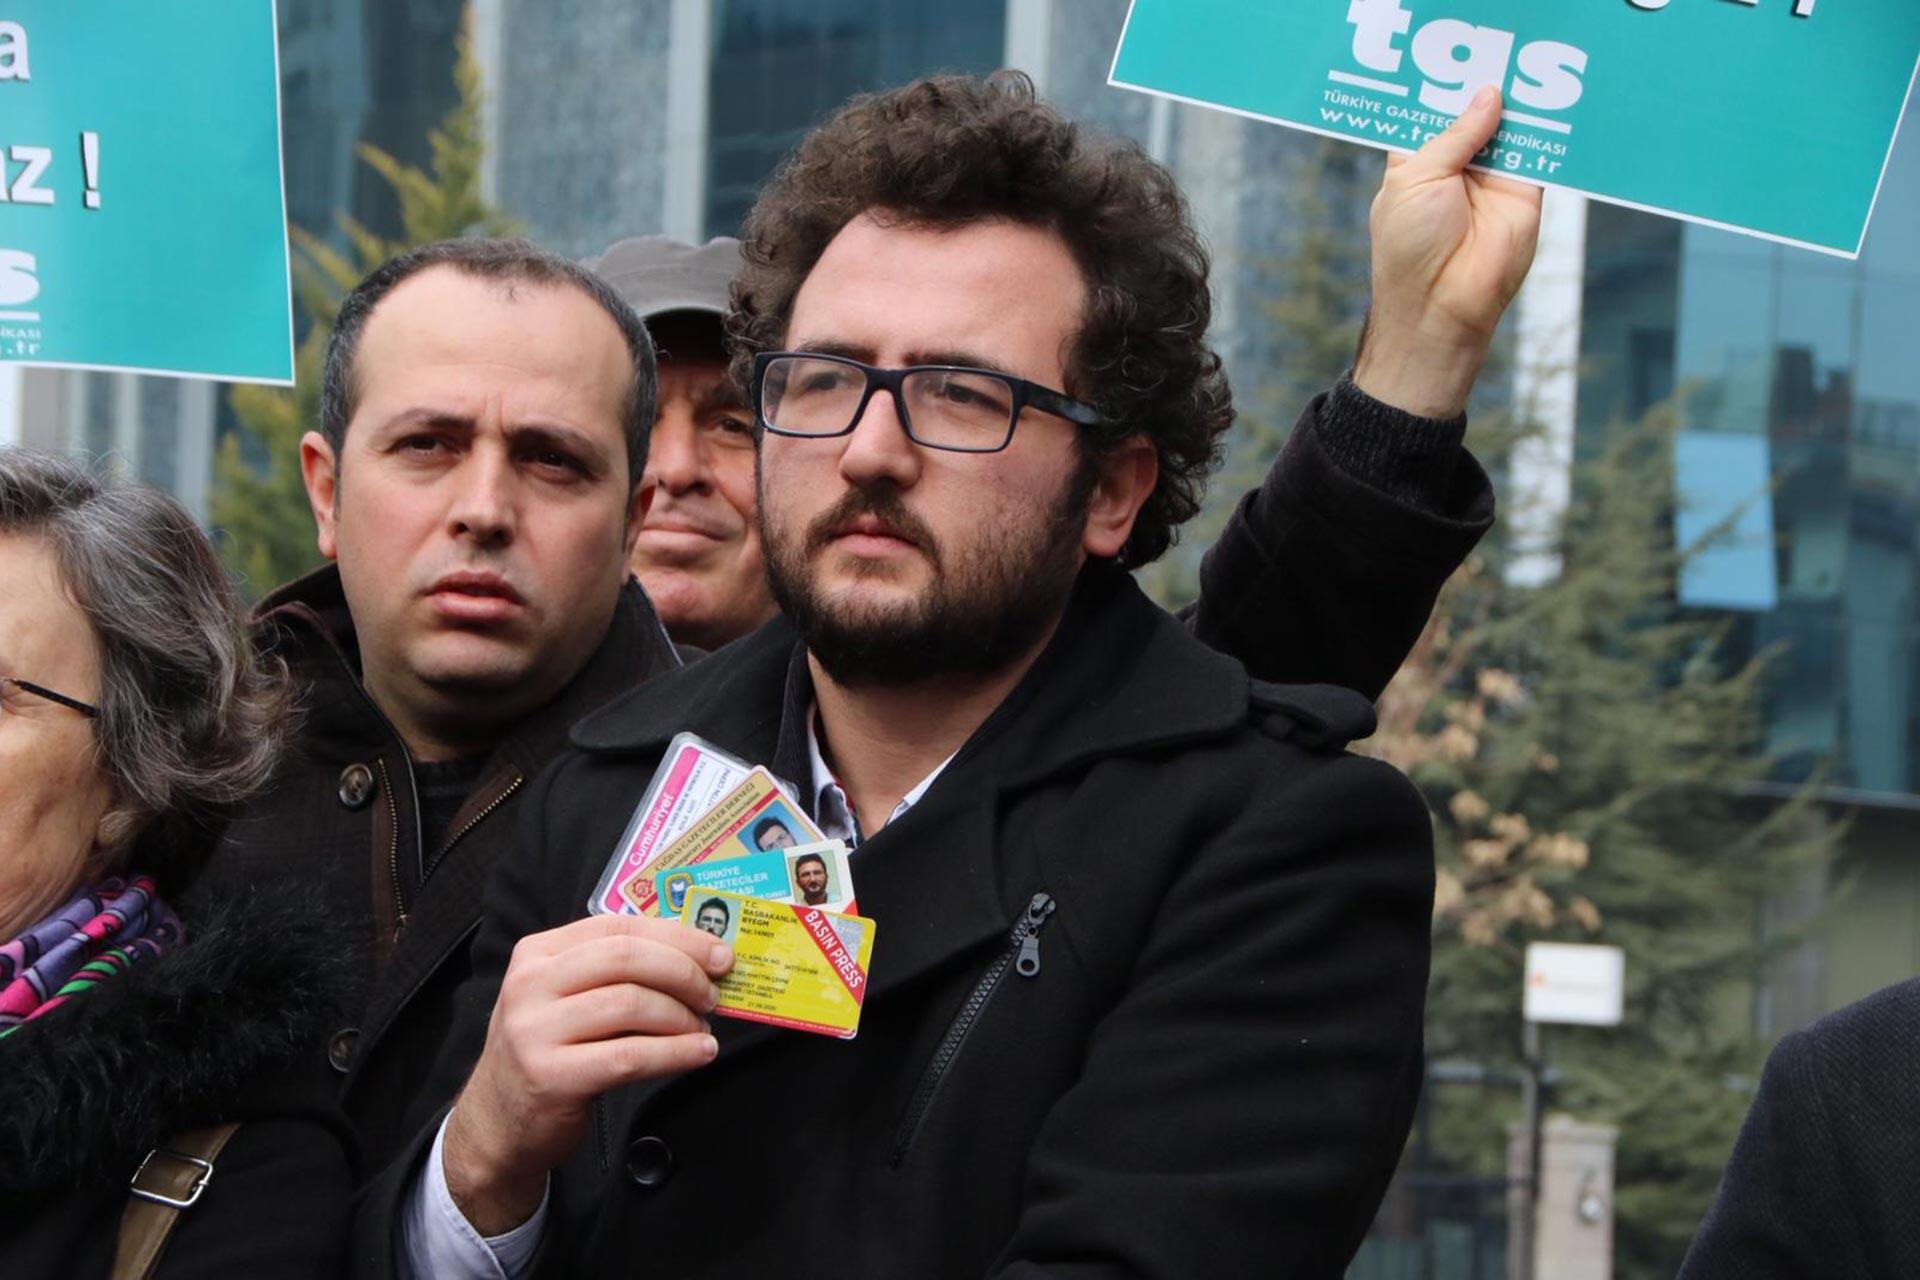 TGS Ankara Şubesi, Cumhurbaşkanlığı İletişim Başkanlığı'nın yüzlerce gazetecinin sarı basın kartını hiçbir gerekçe sunmadan iptal etmesini ve tepkiler üzerine geri adım atarak kartları yeniden kullanıma açmasını sordu